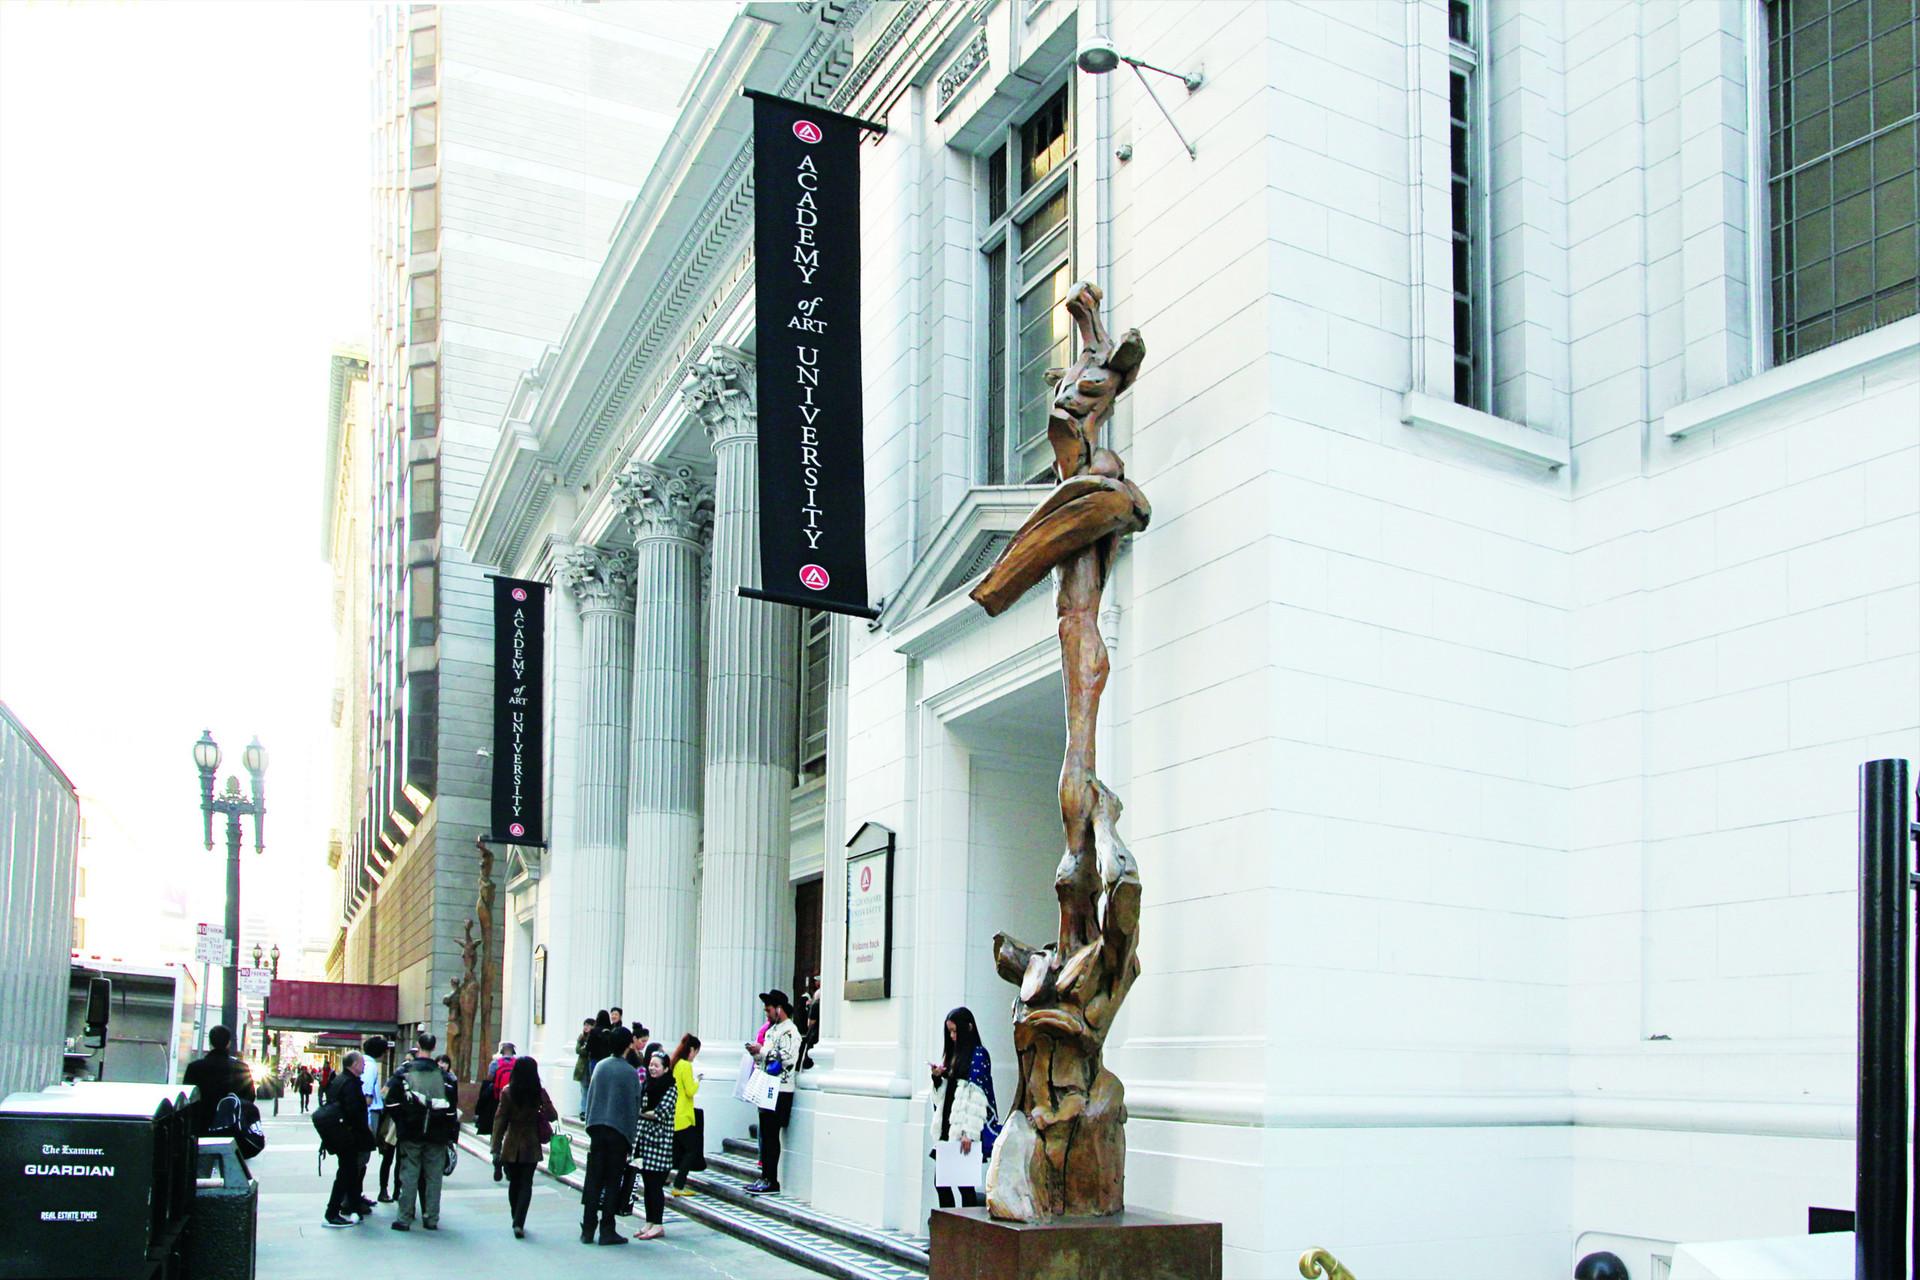 Academy of Art building facade